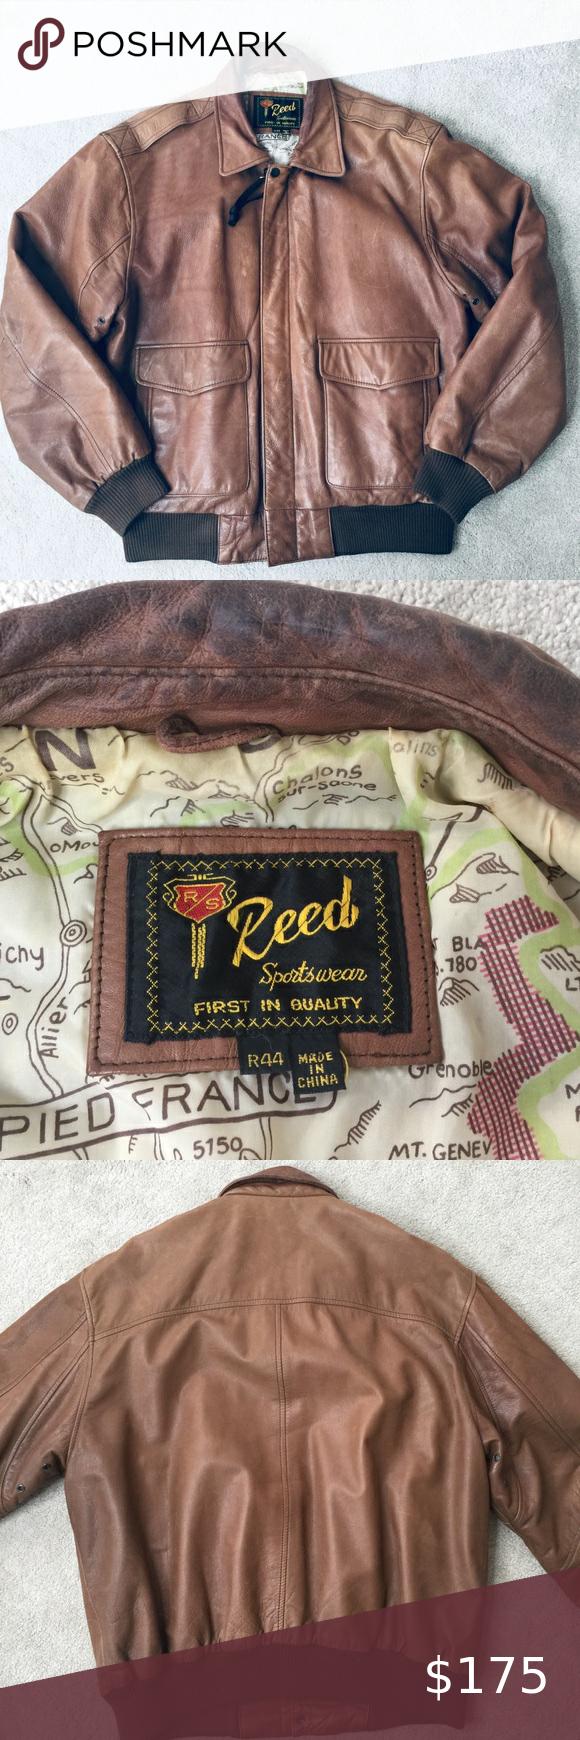 Vintage Reed Sportswear Leather Bomber Jacket 44 L Leather Bomber Jacket Leather Bomber Bomber Jacket [ 1740 x 580 Pixel ]